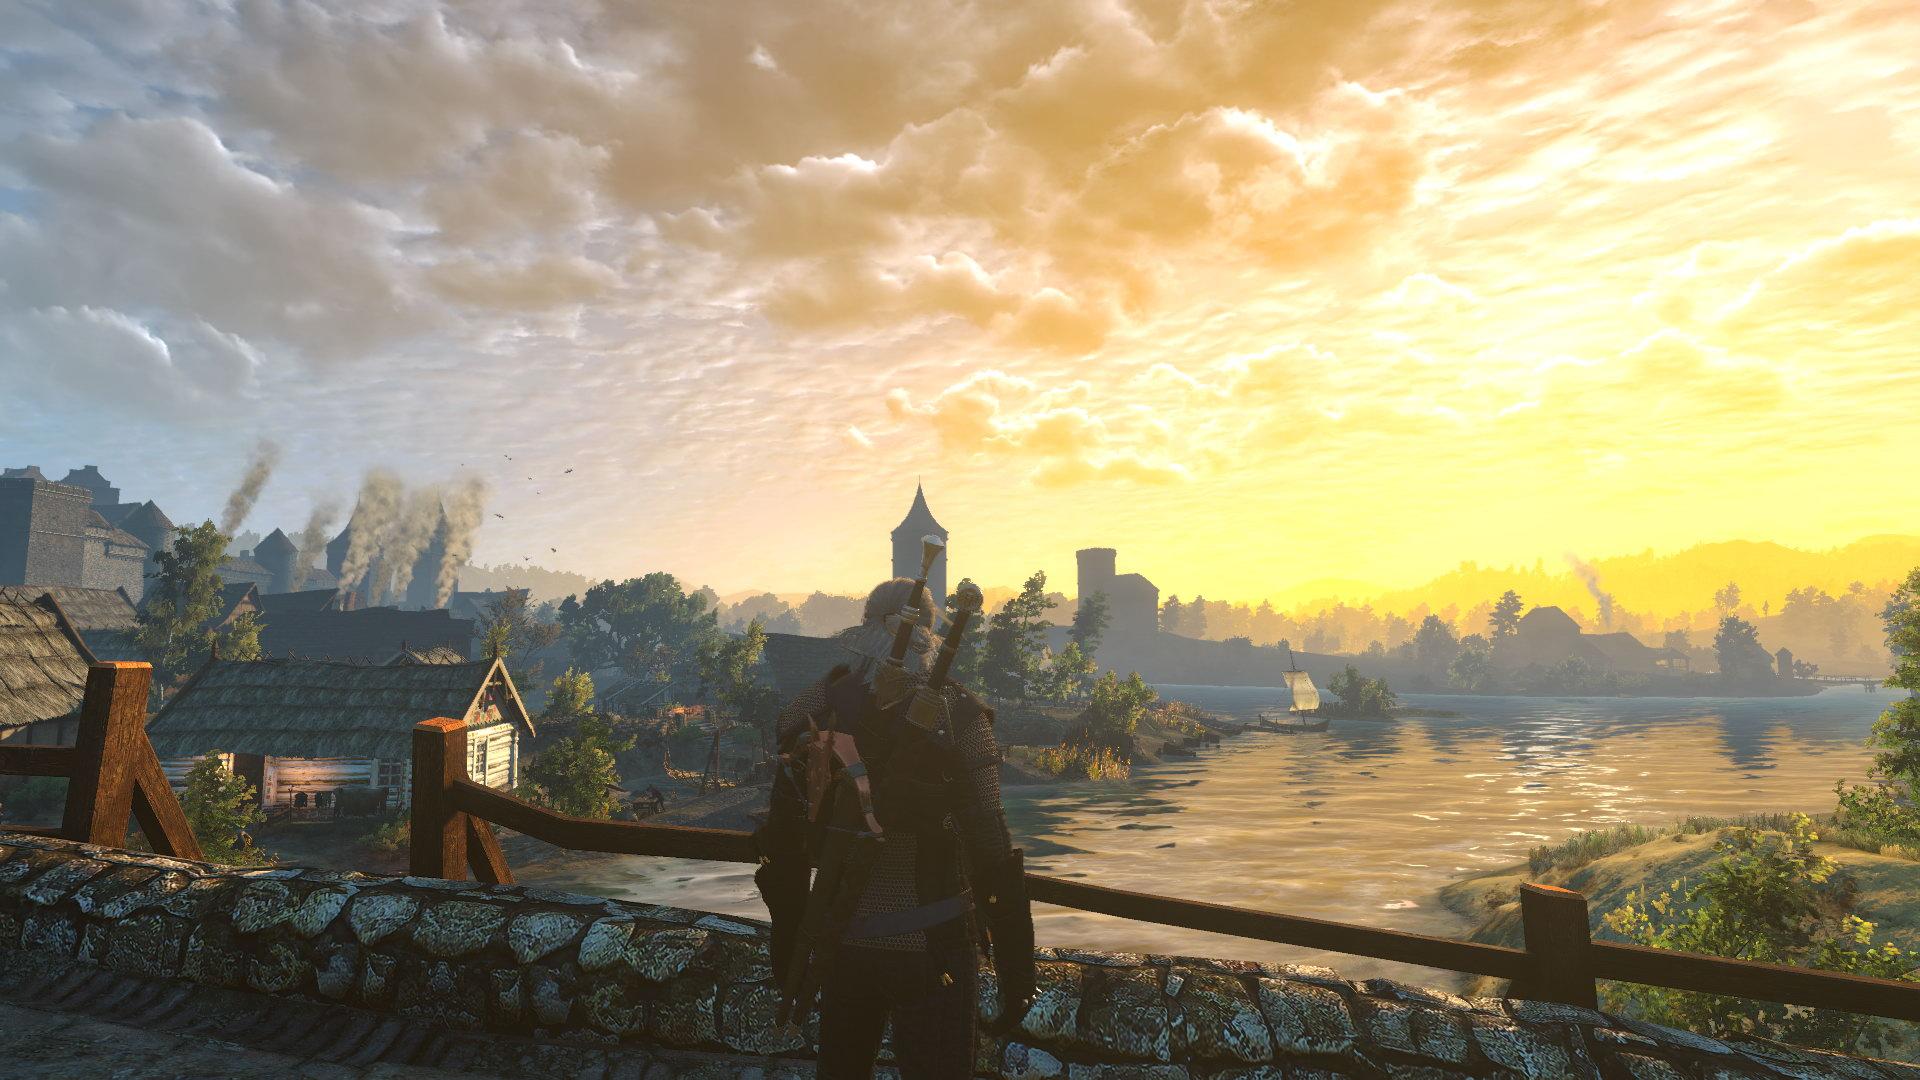 《巫师3》云朵和天气MOD 云朵更真实画面更惊艳